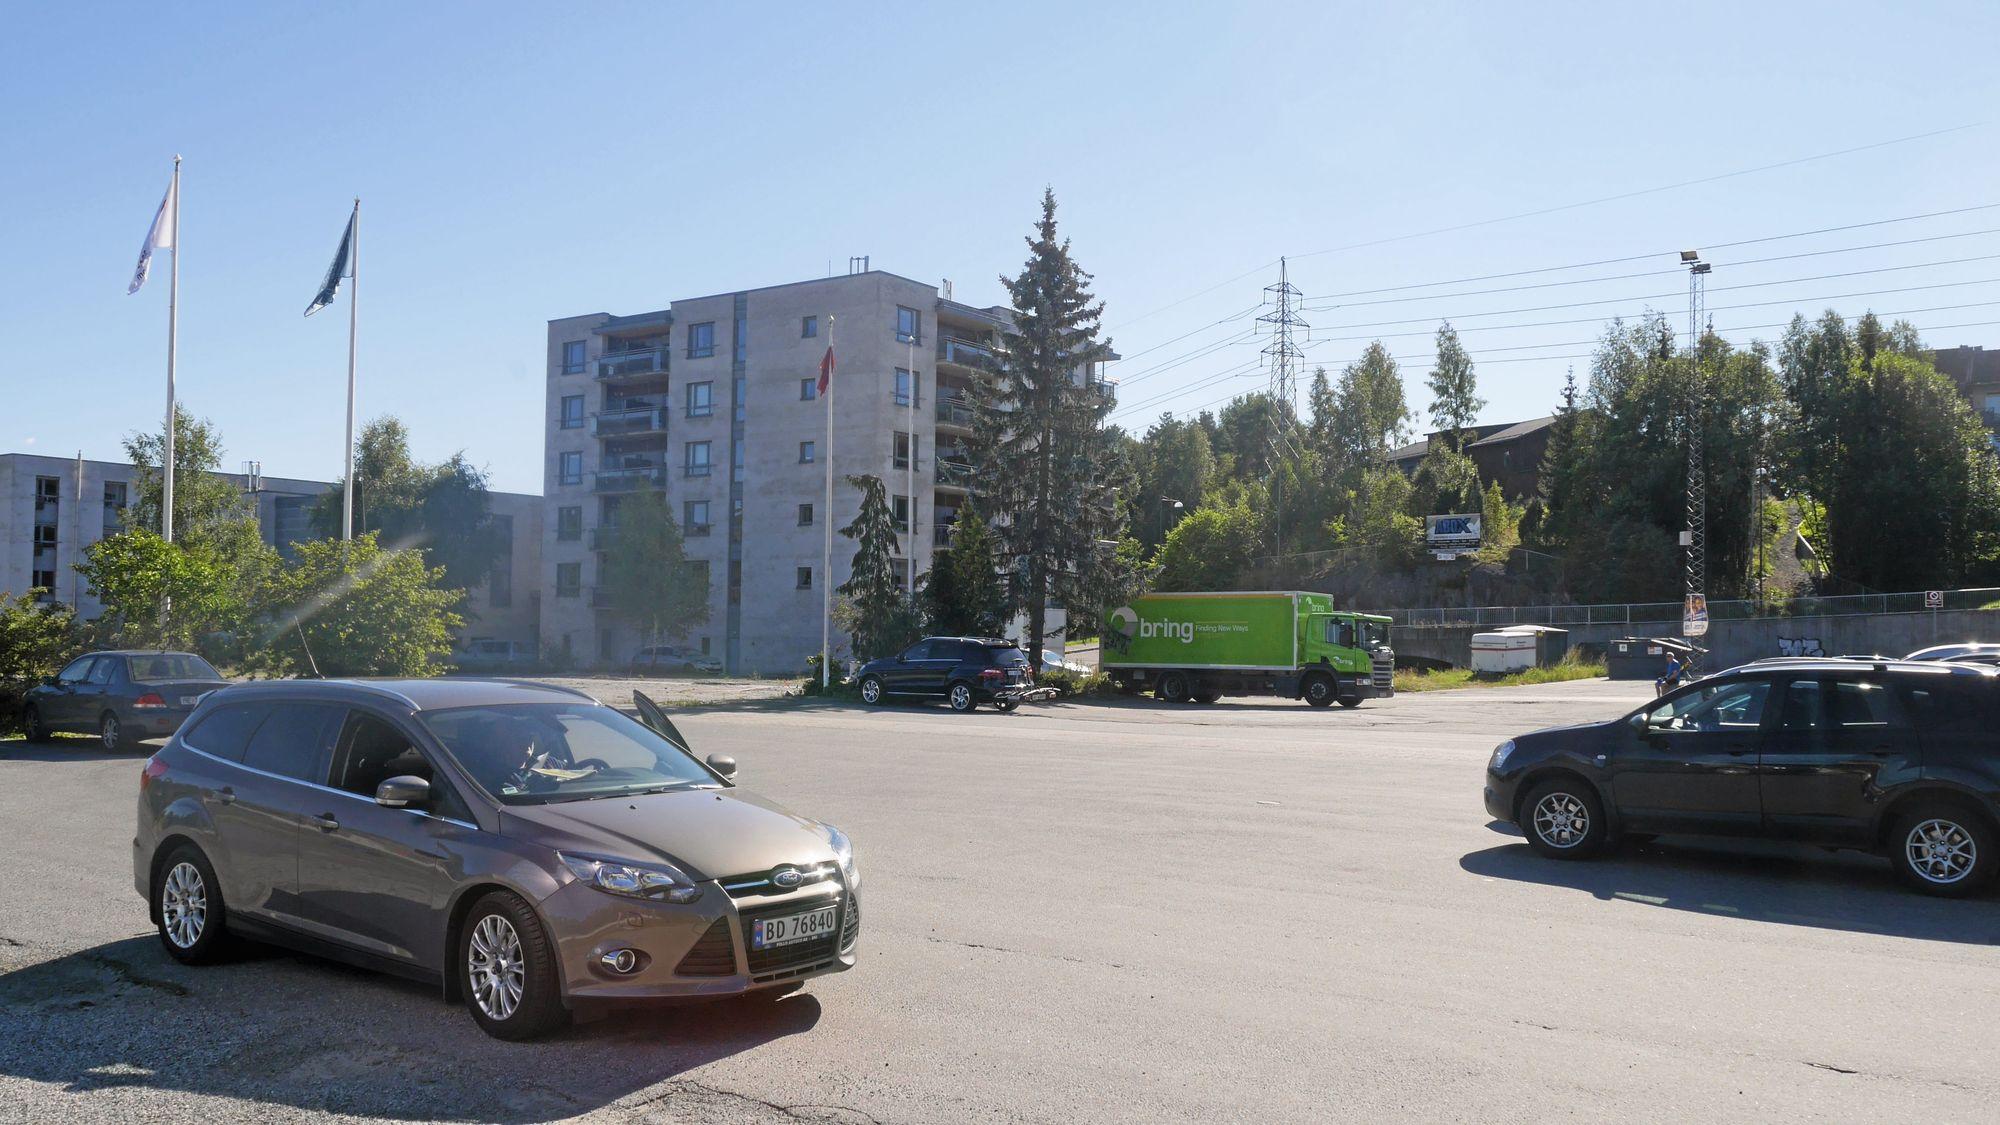 PARKERING: Det blir underjordisk parkeringshus og et shared-space-torg over.